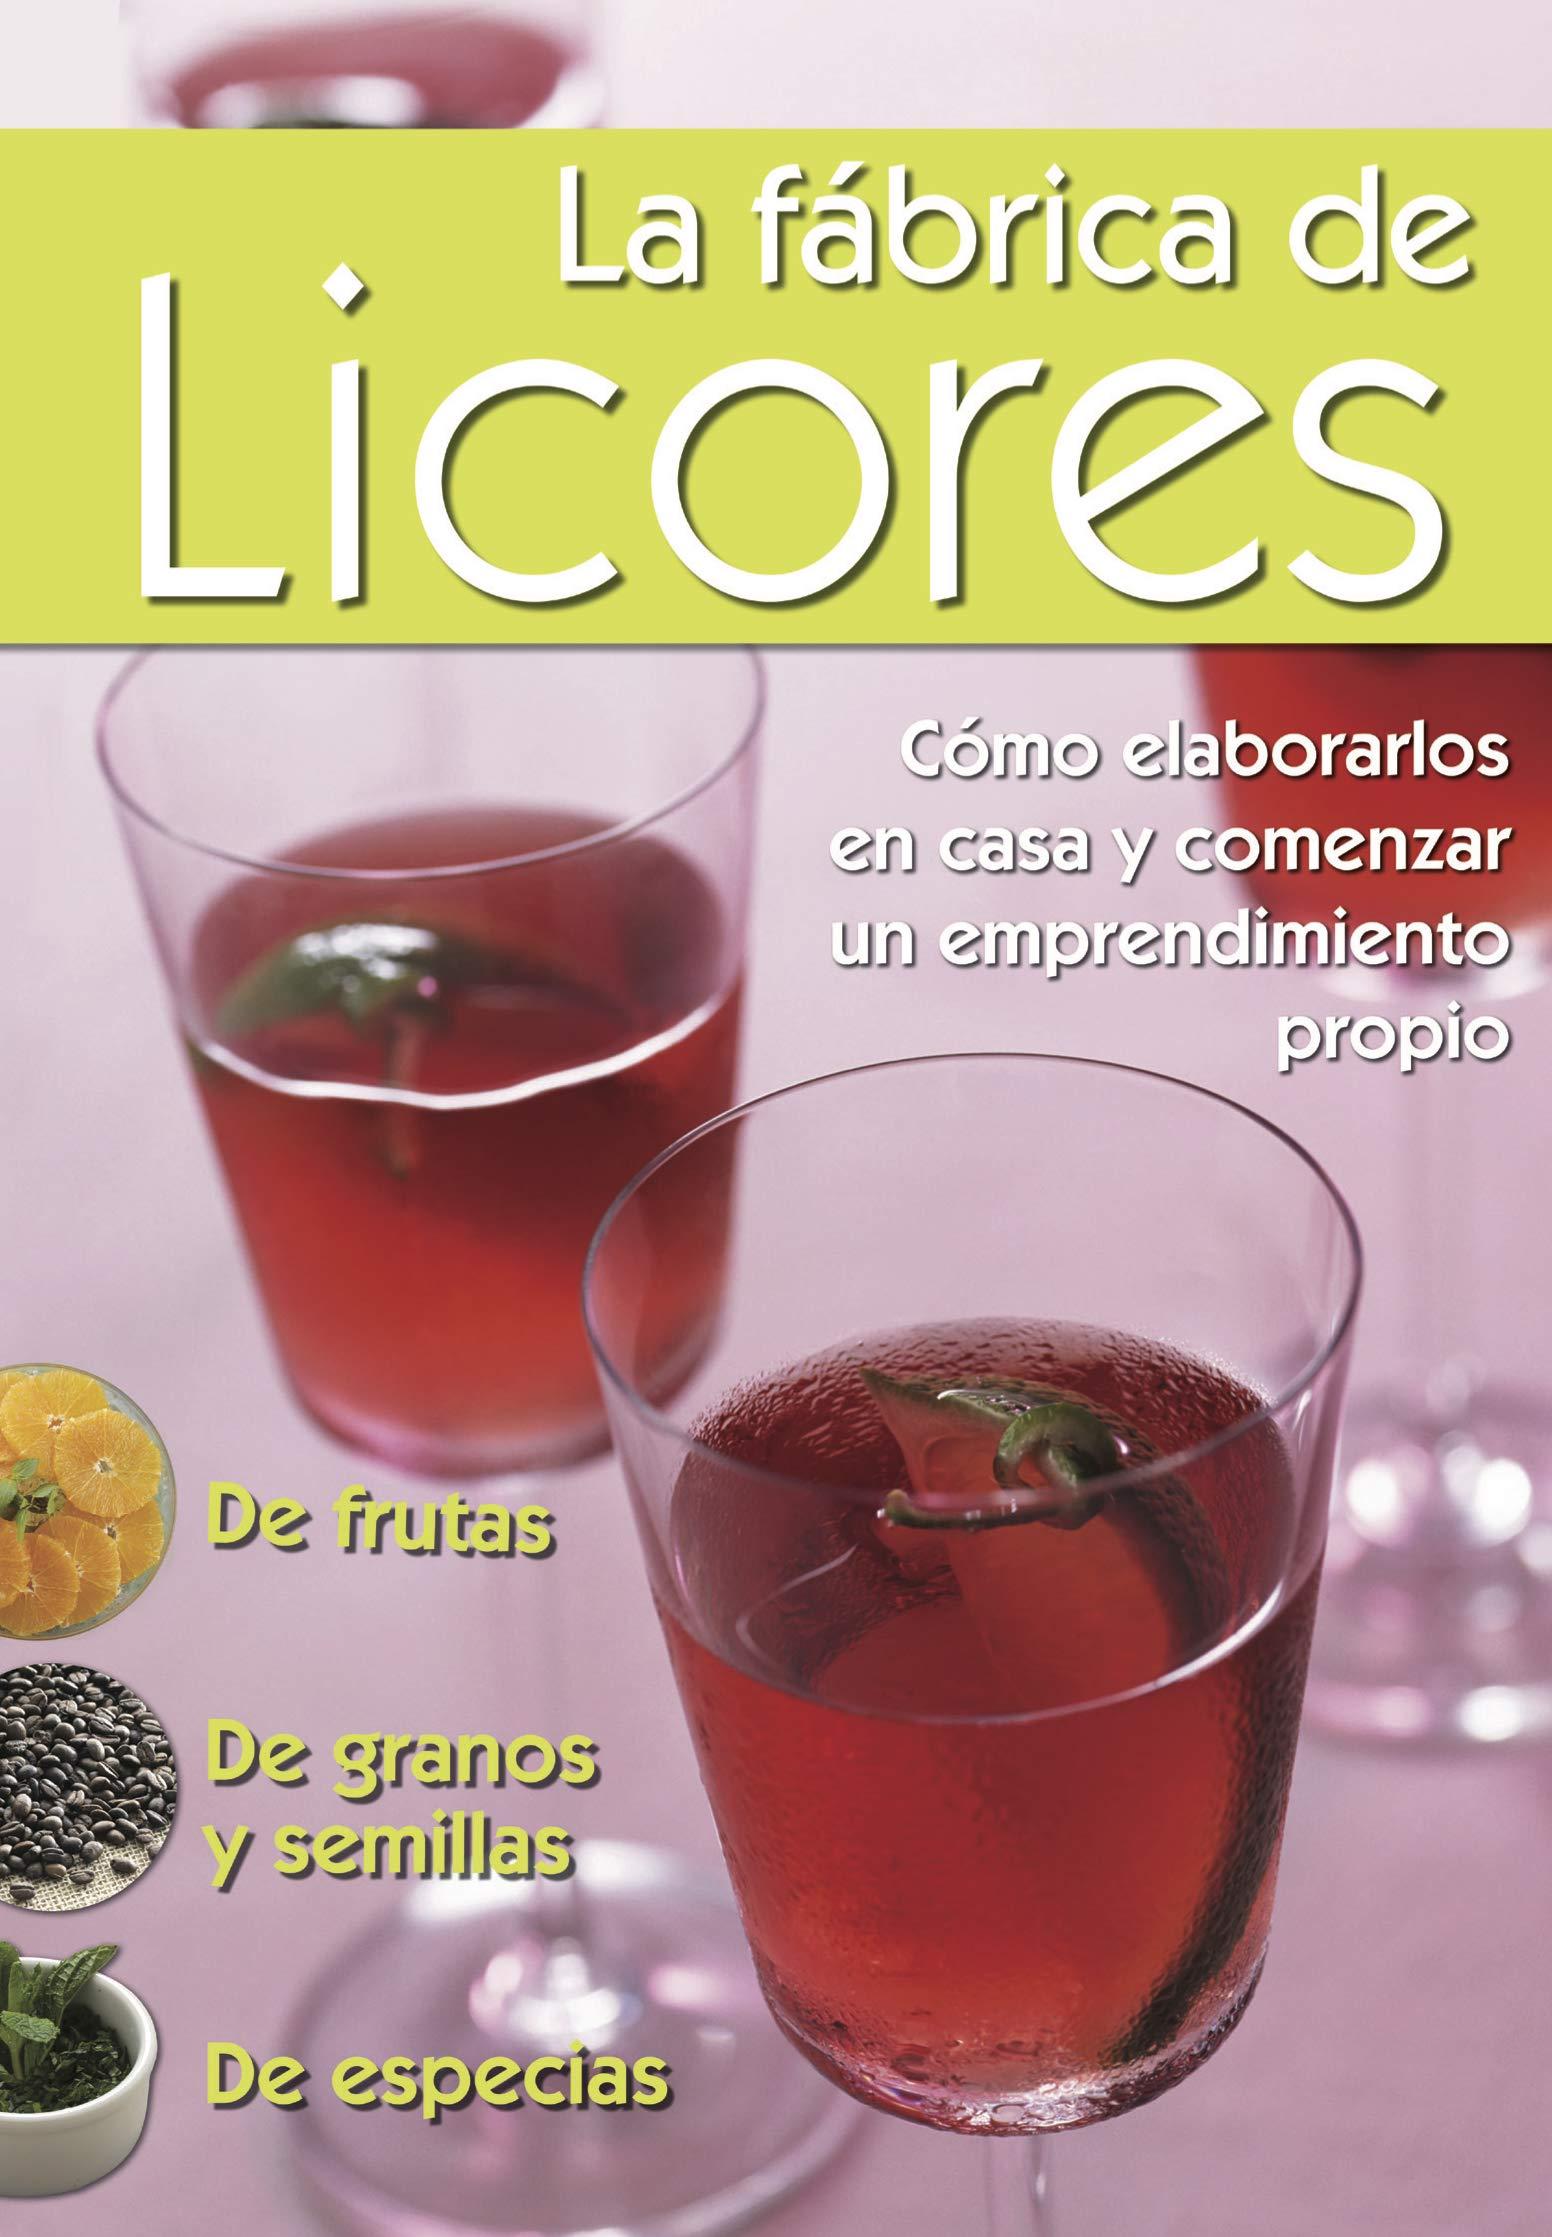 LA FÁBRICA DE LICORES: cómo elaborarlos en casa y comenzar un emprendimiento propio (Spanish Edition)